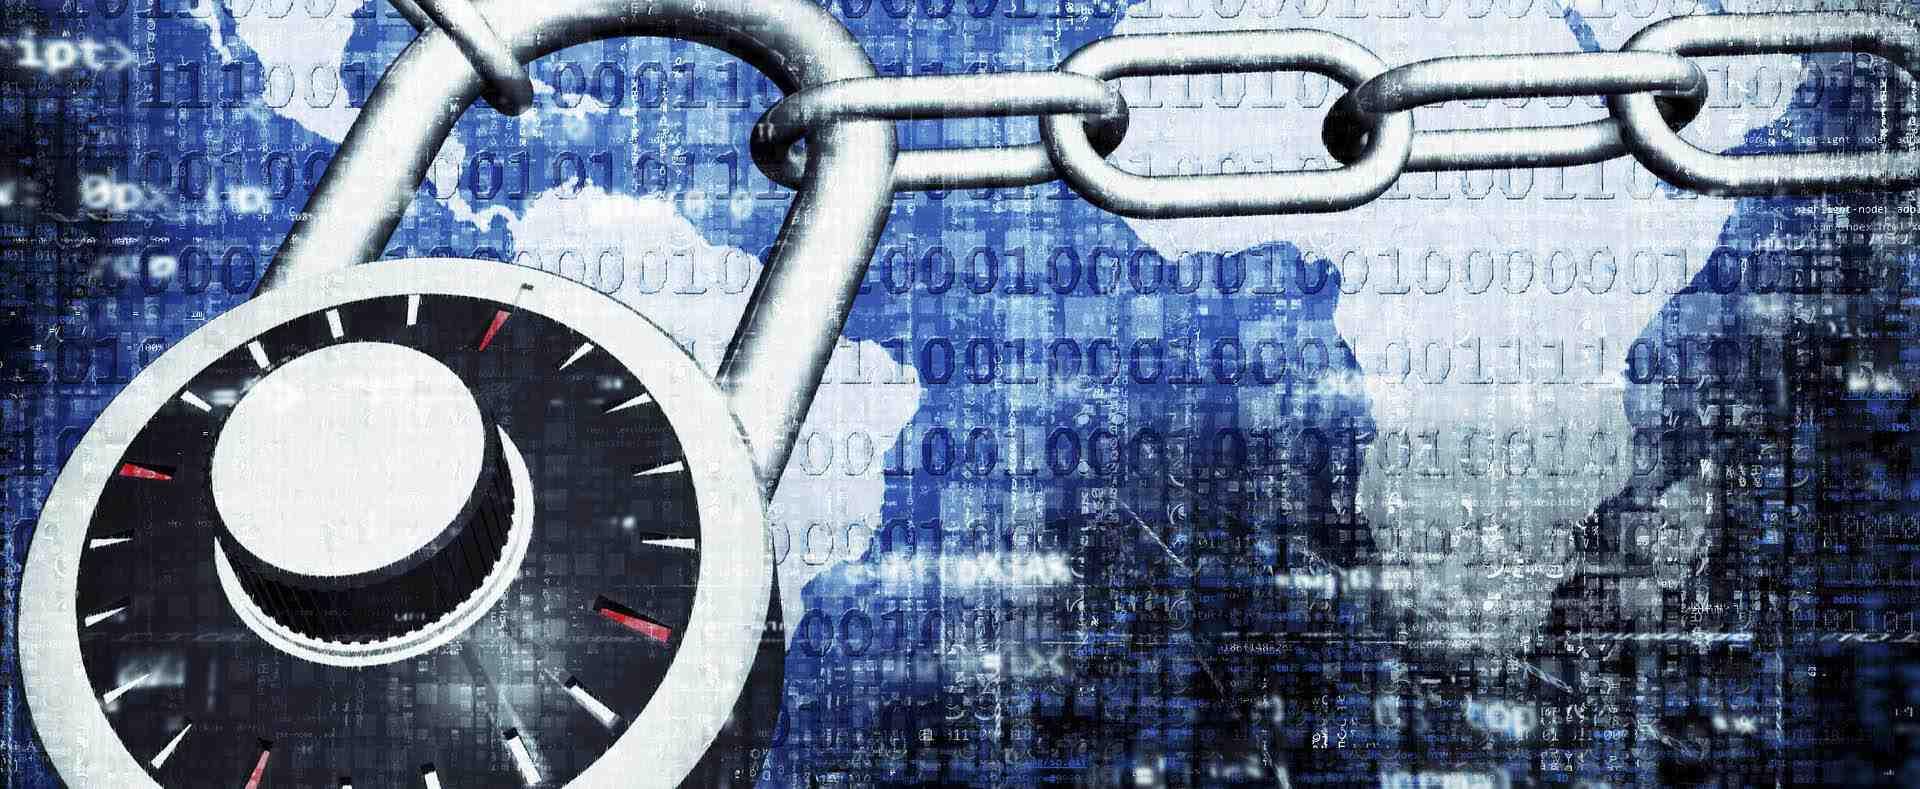 Bilgi Güvenliği Bilinçlendirme Eğitimi